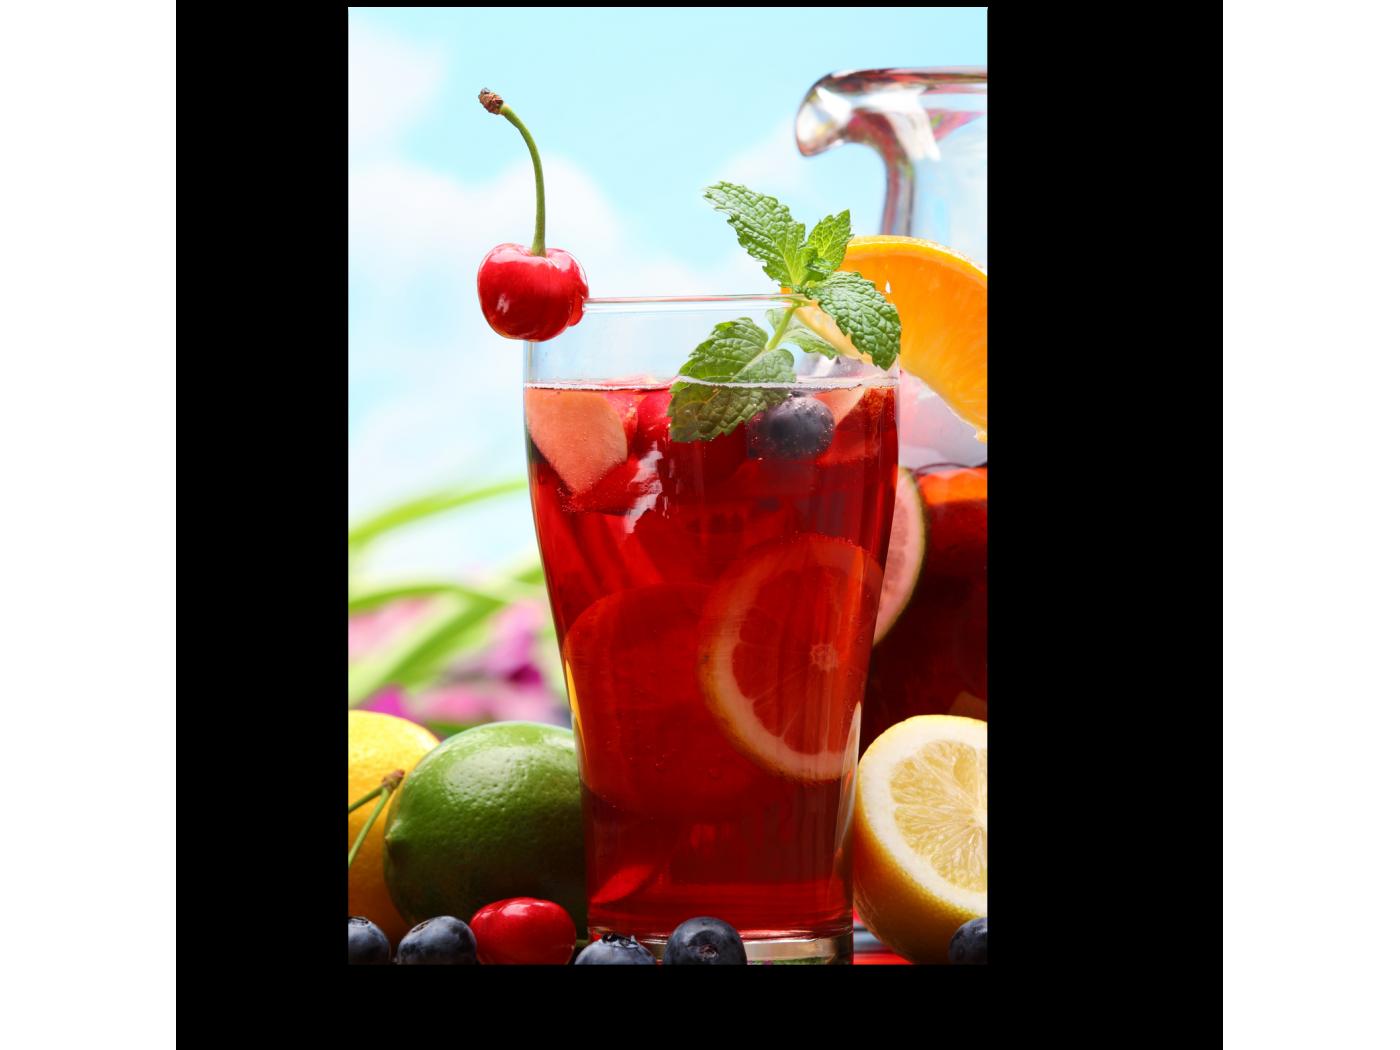 Модульная картина Натуральный лимонад (20x30) фото